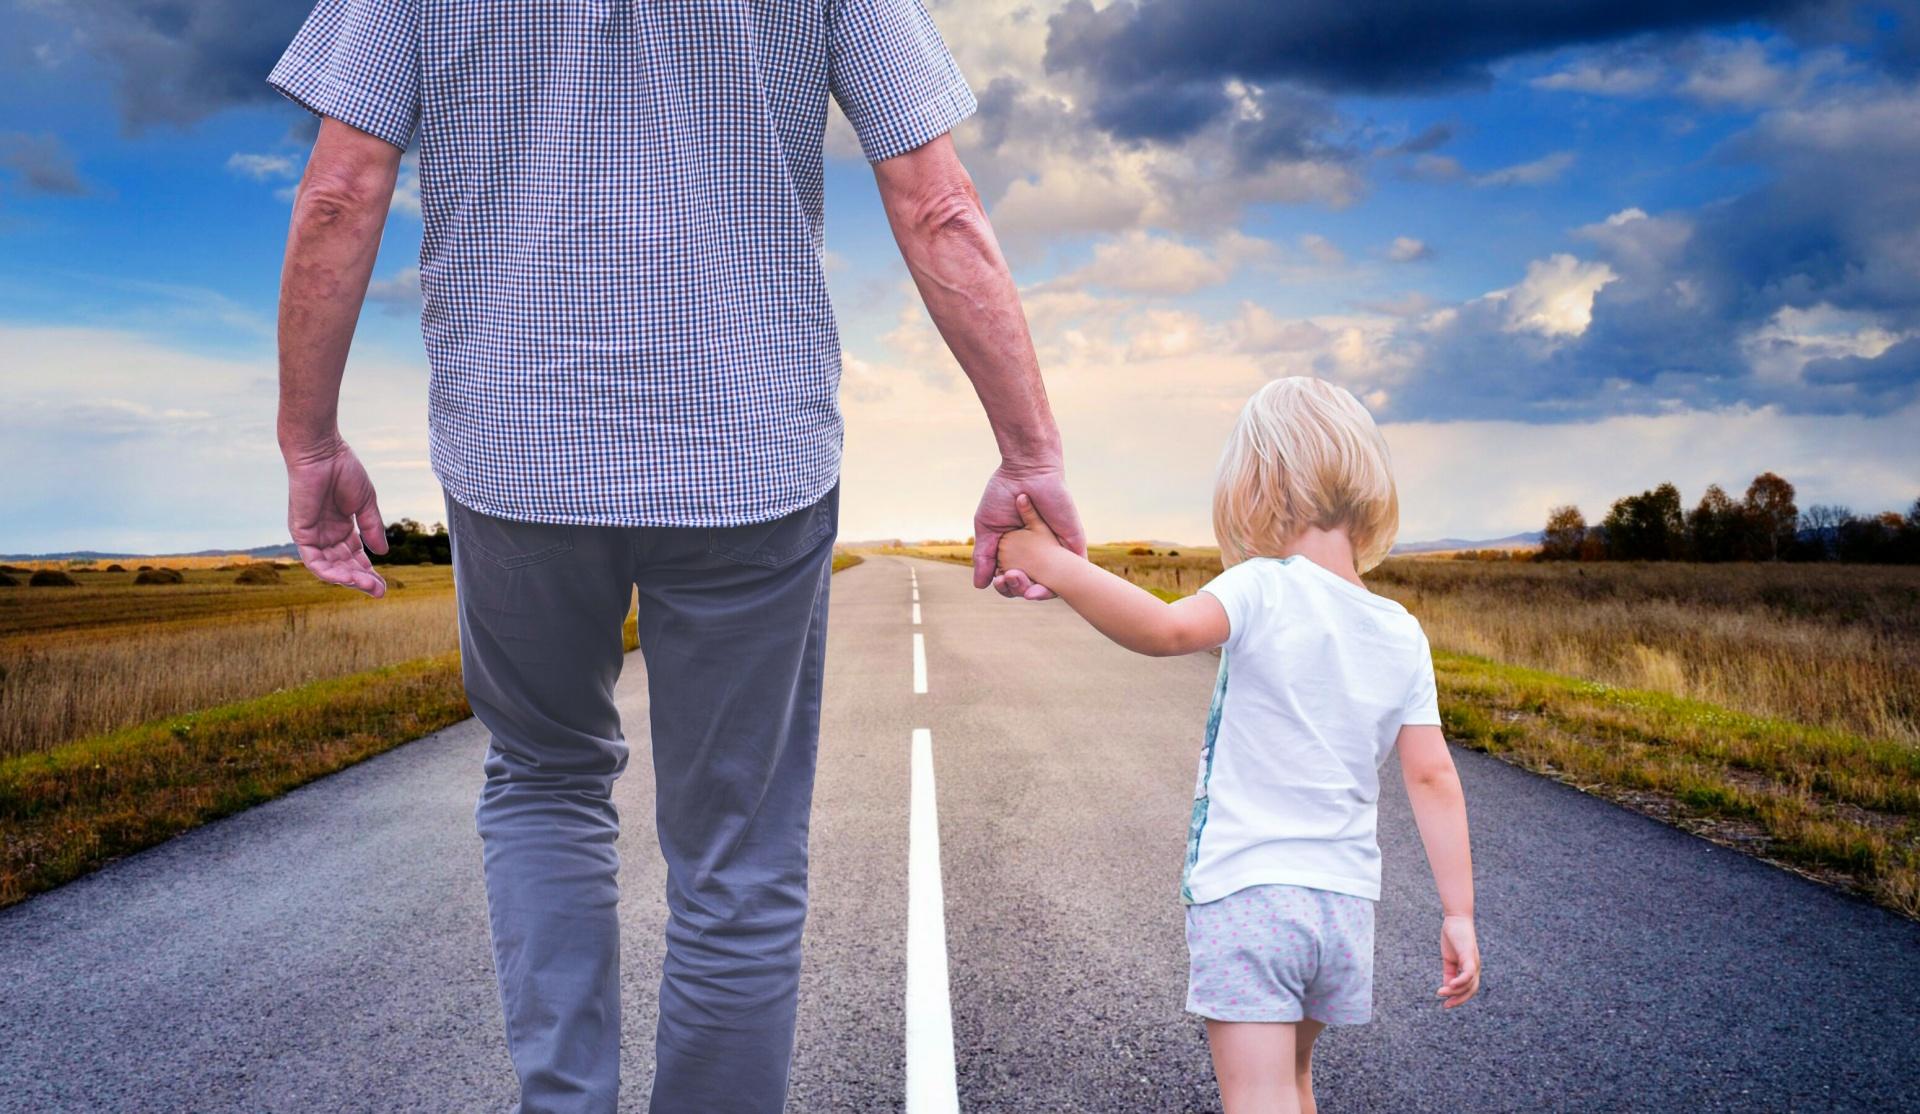 Trovata la fonte dei 200 padri separati che si suicidano ogni anno